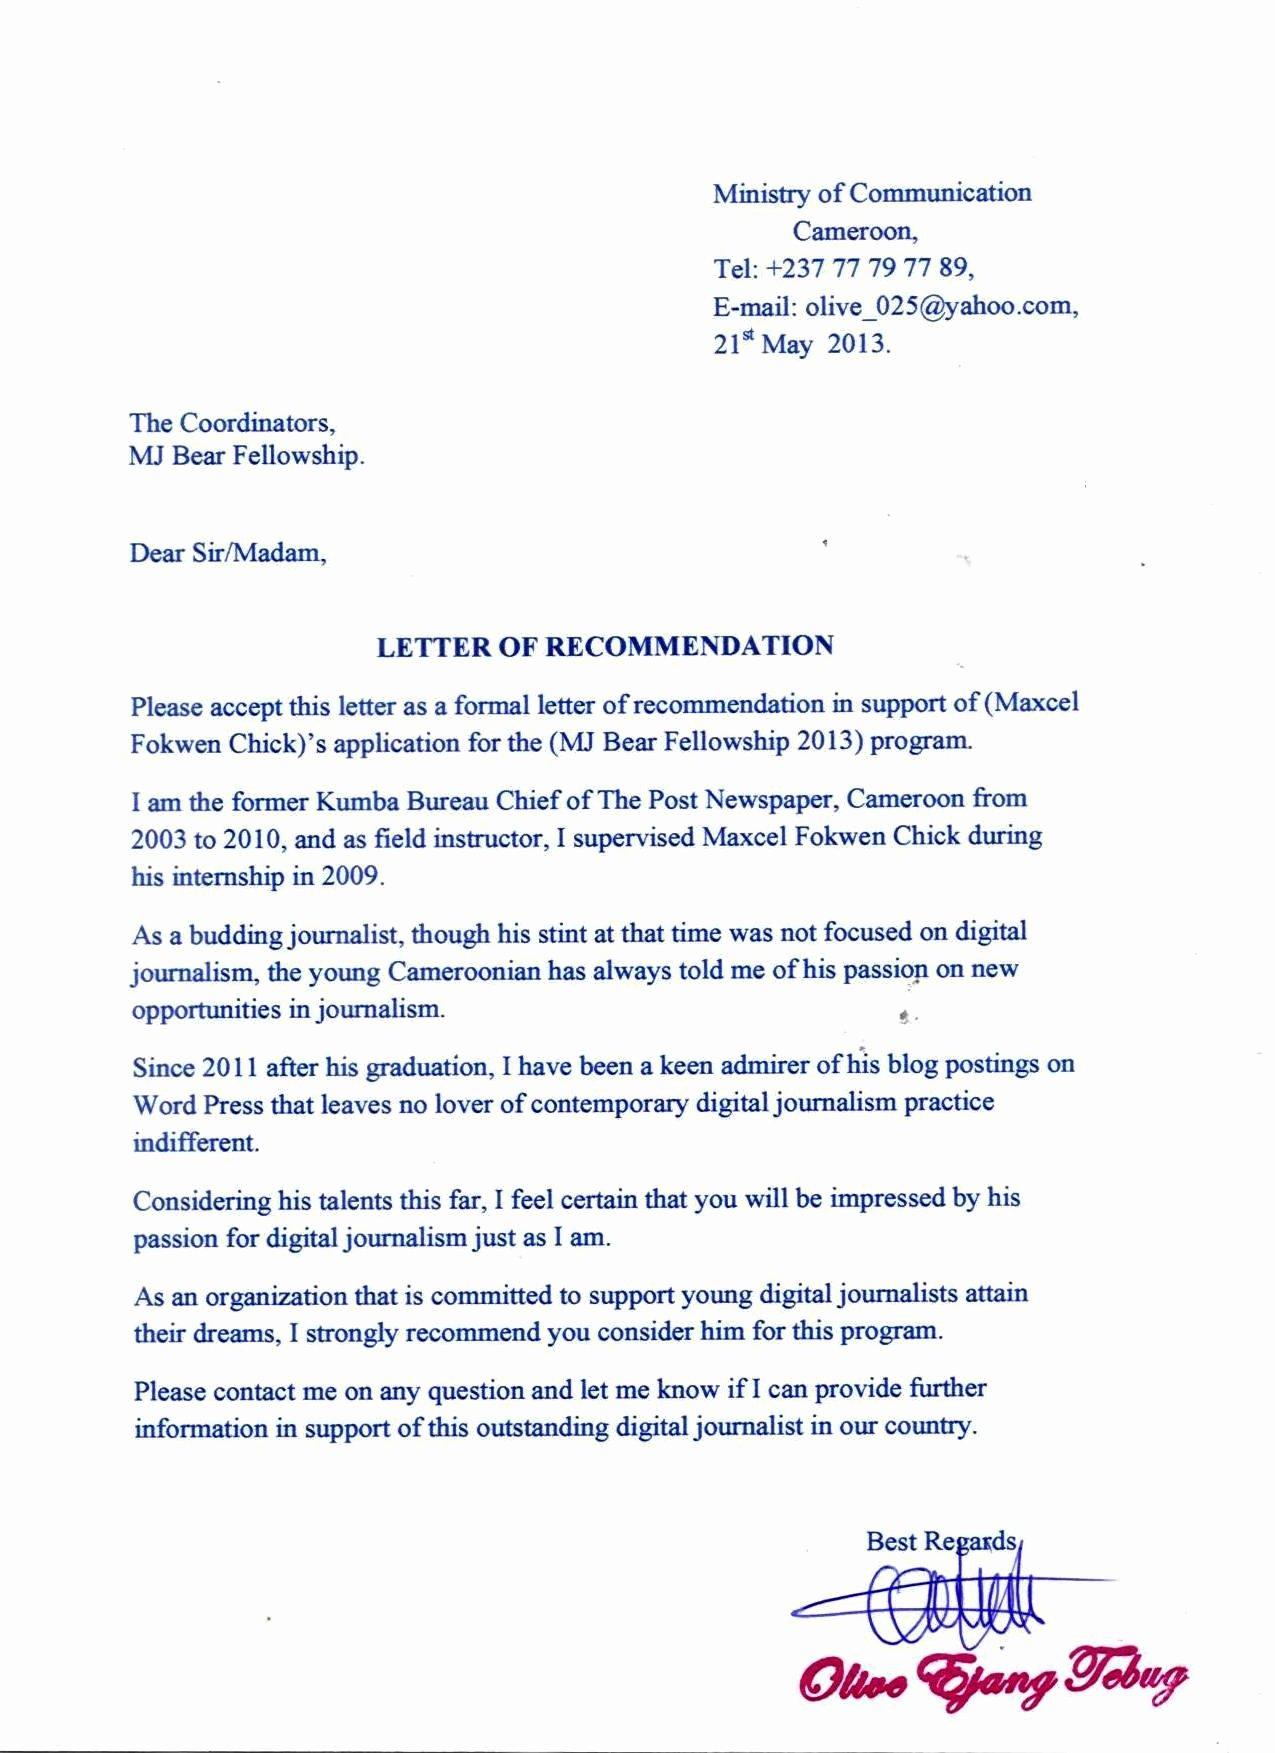 Fellowship Letter Of Recommendation Fresh Re Mendation Letter